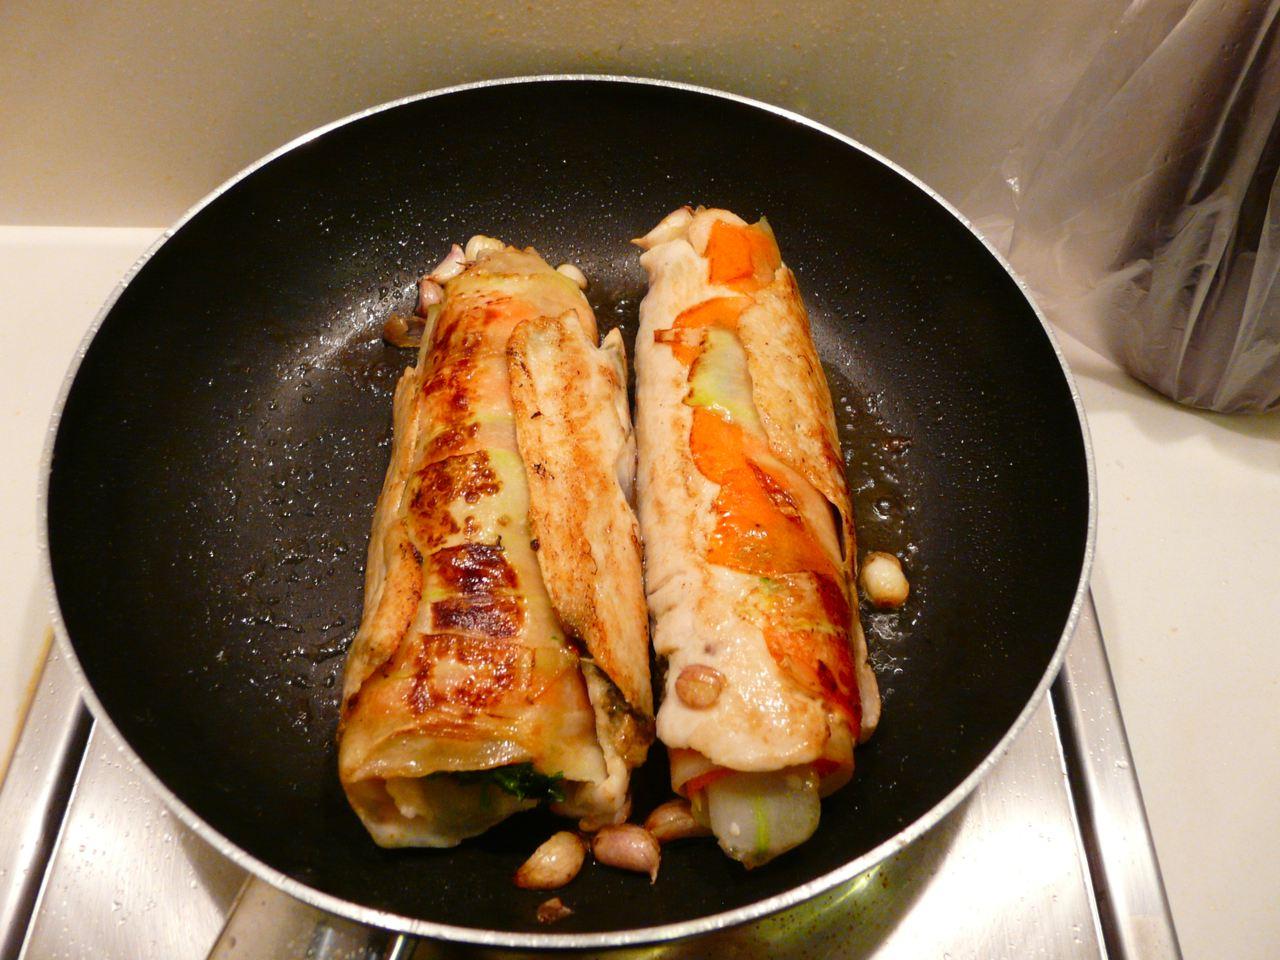 Fertig gebratene  Chicken Roulade, ShiitaePilze und kleine rote Schalotten andünsten